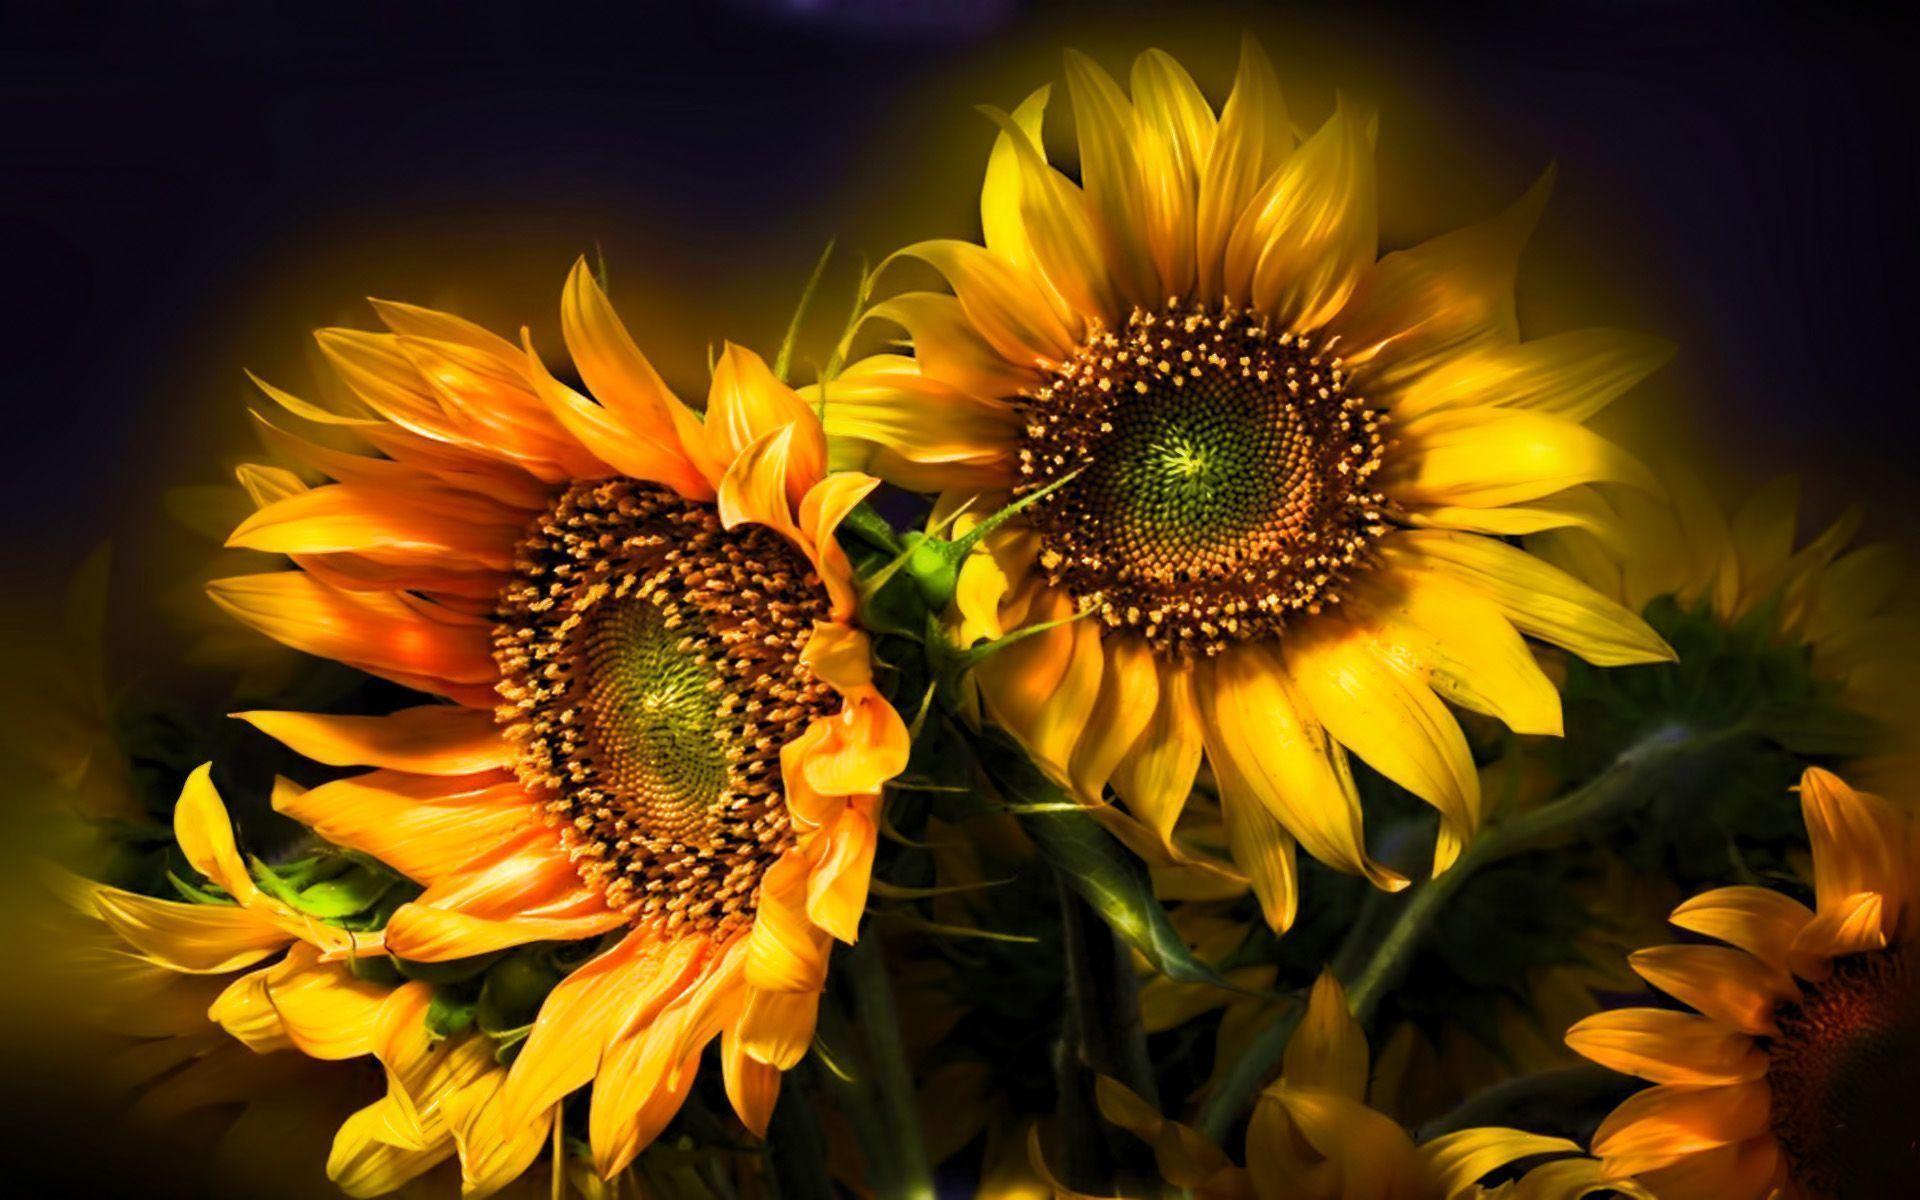 sunflower wallpaper desktop